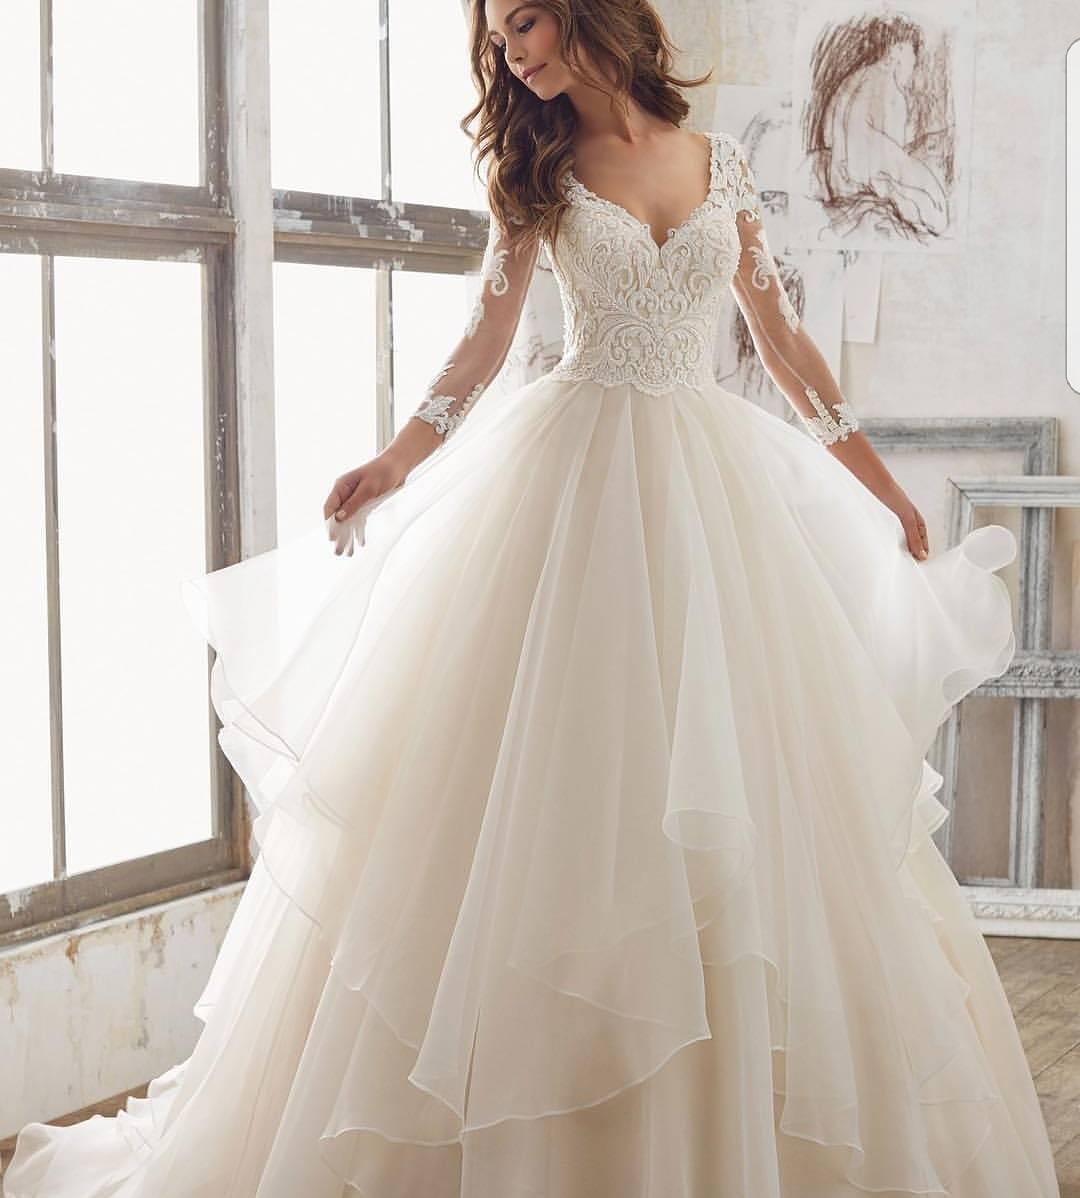 Modish Fluffy Wedding Gown